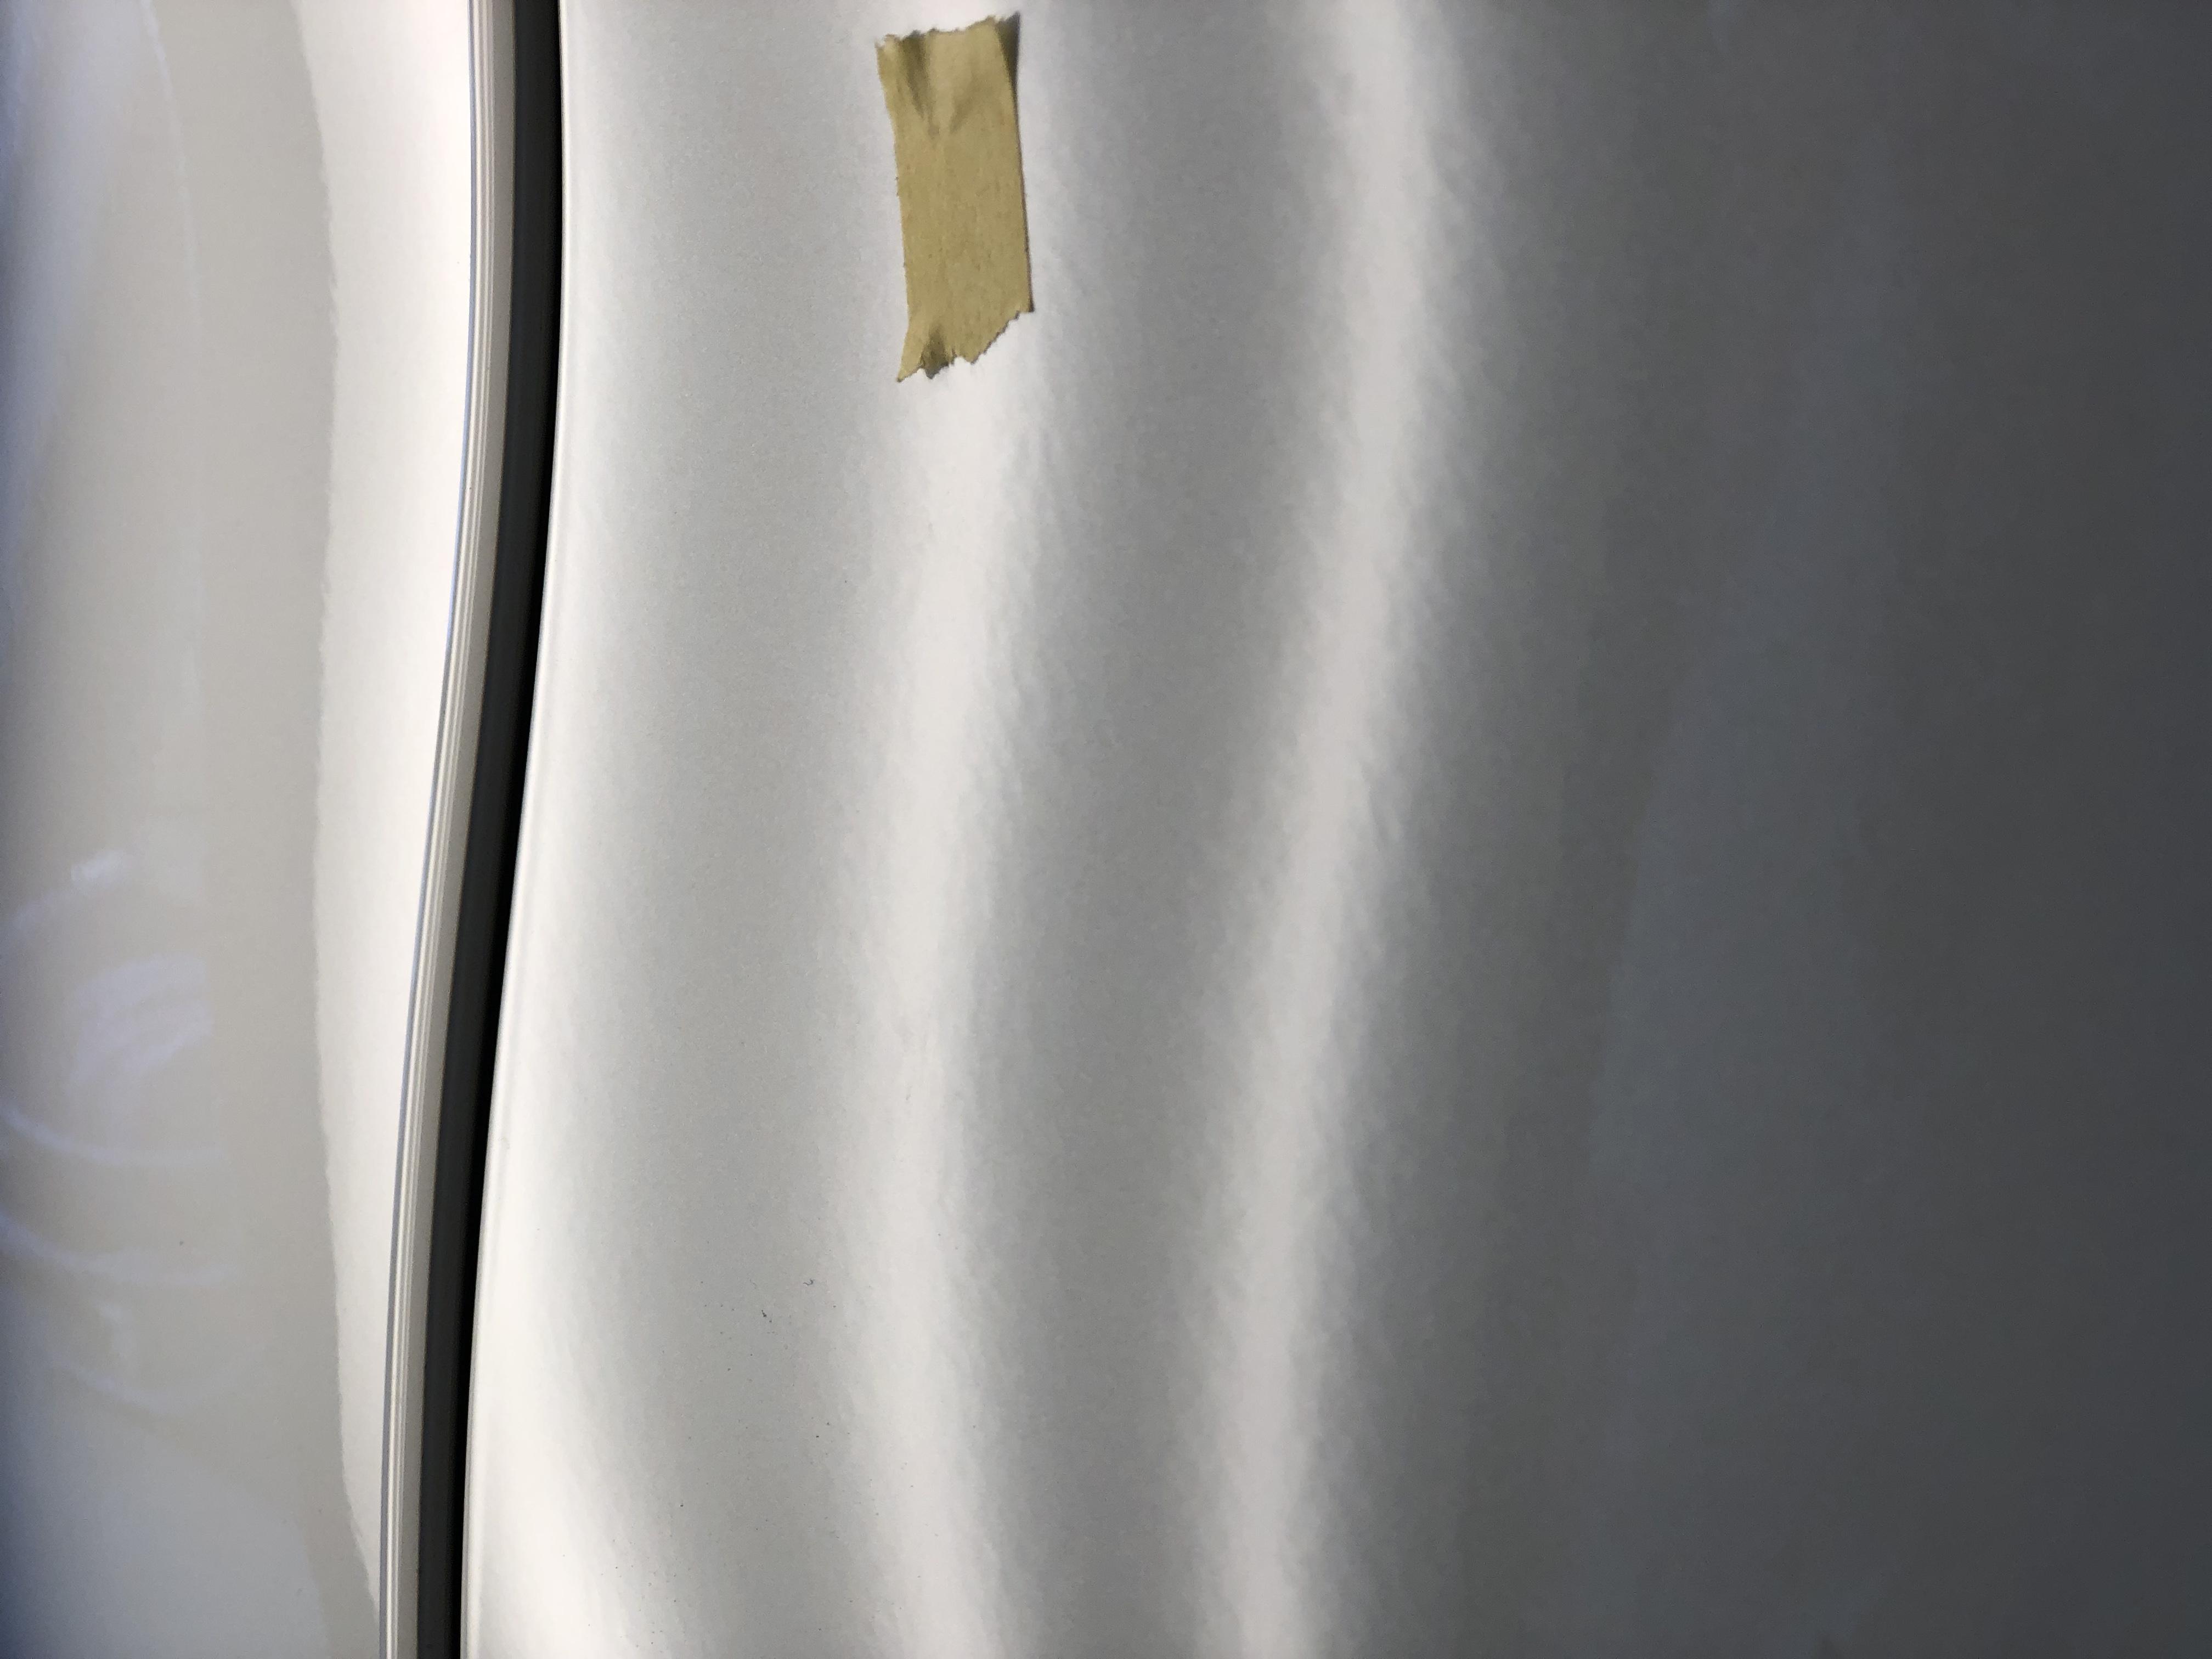 ベンツW222 アルミパネルのデントリペア